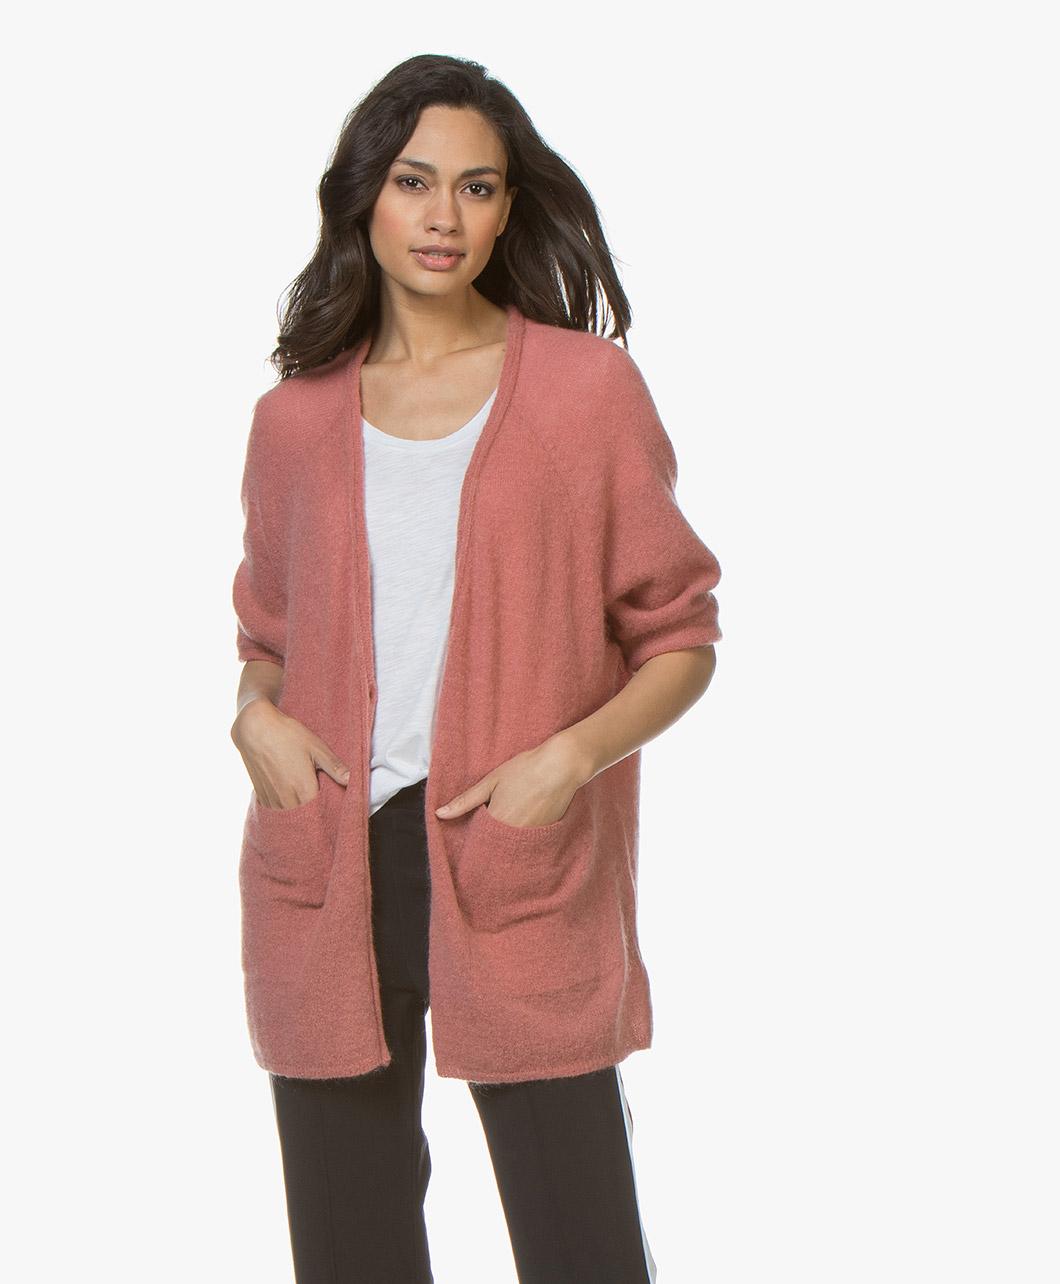 Obrázek American Vintage Cardigan Ugoball Mohair Blend Antique Pink